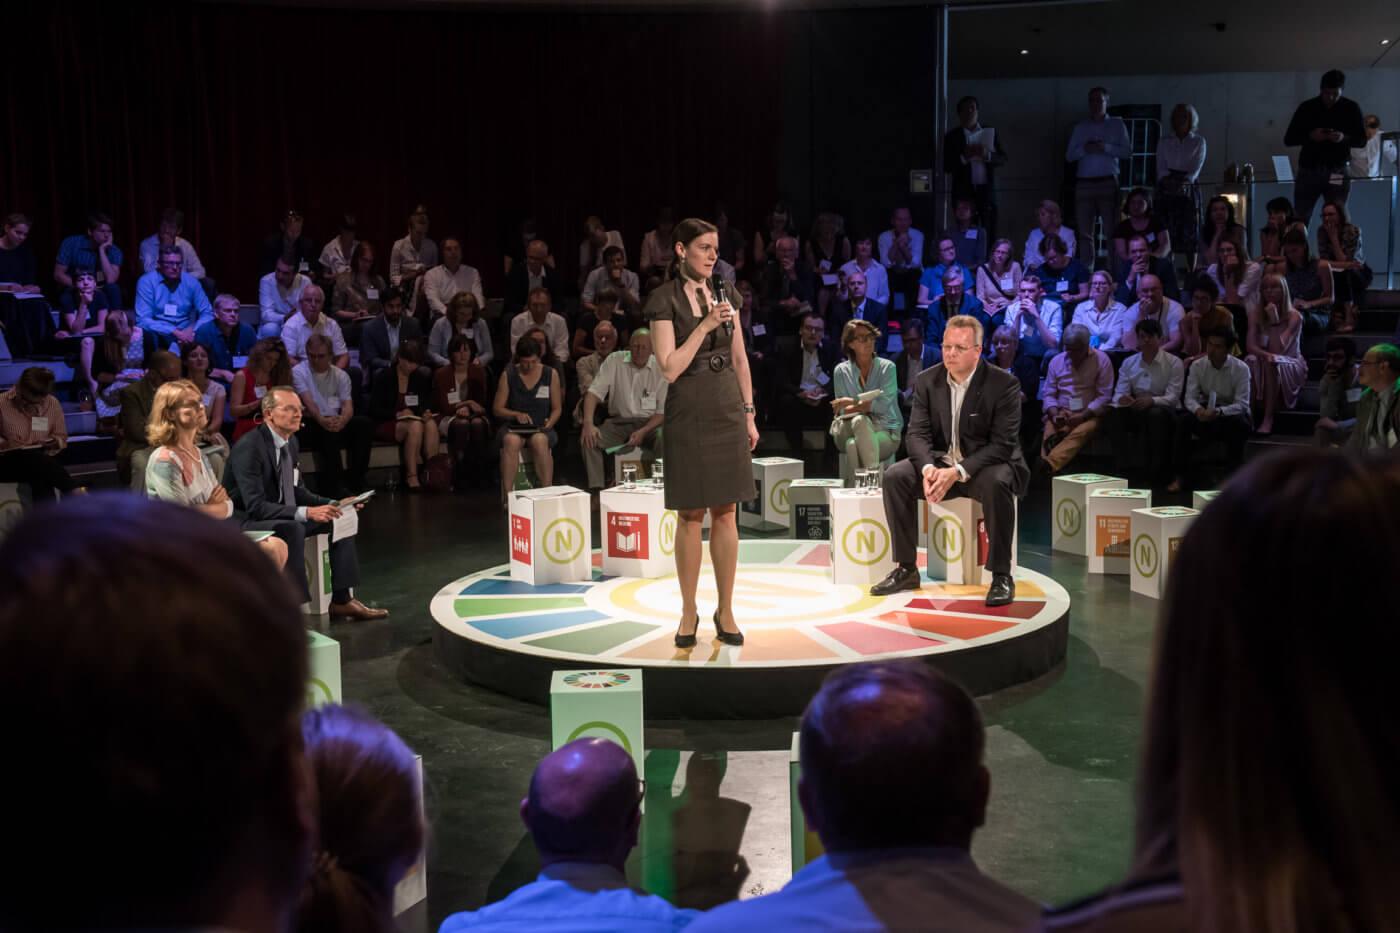 """Die Teilnehmenden der 18. Jahreskonferenz des RNE diskutierten im Forum 1 über das Thema """"Neue Partnerschaften: die Zivilgesellschaft, der Hub for Sustainable Finance und nachhaltiges Wirtschaften"""". Foto: Benjamin Pritzkuleit, © Rat für Nachhaltige Entwicklung (RNE)"""